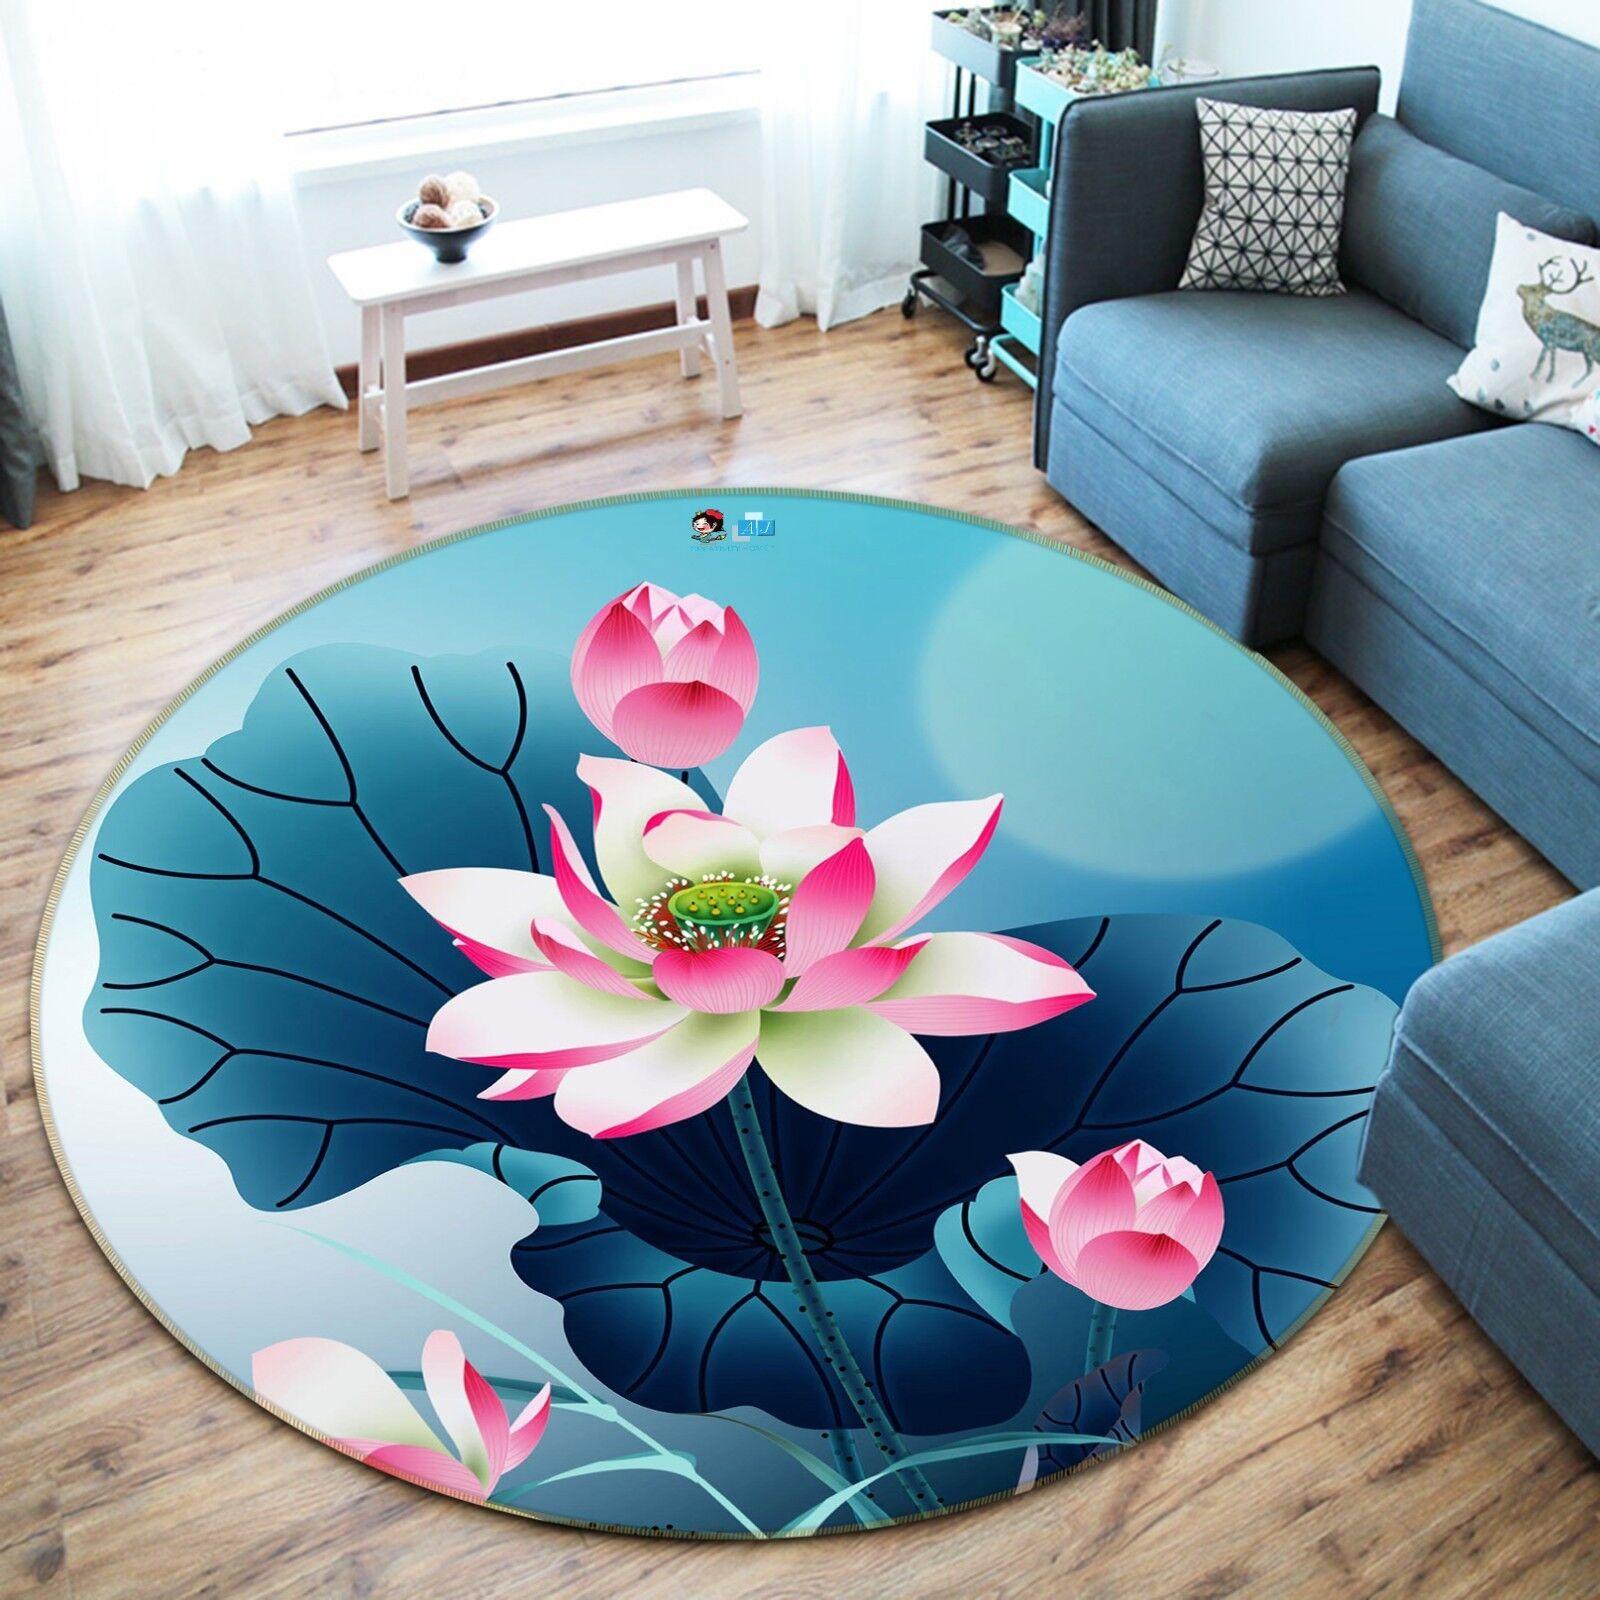 3D LAGHETTO DI LOTO 44 tappetino antiscivolo tappeto camera Tappetino Tondo Qualità Elegante foto Tappeto UK